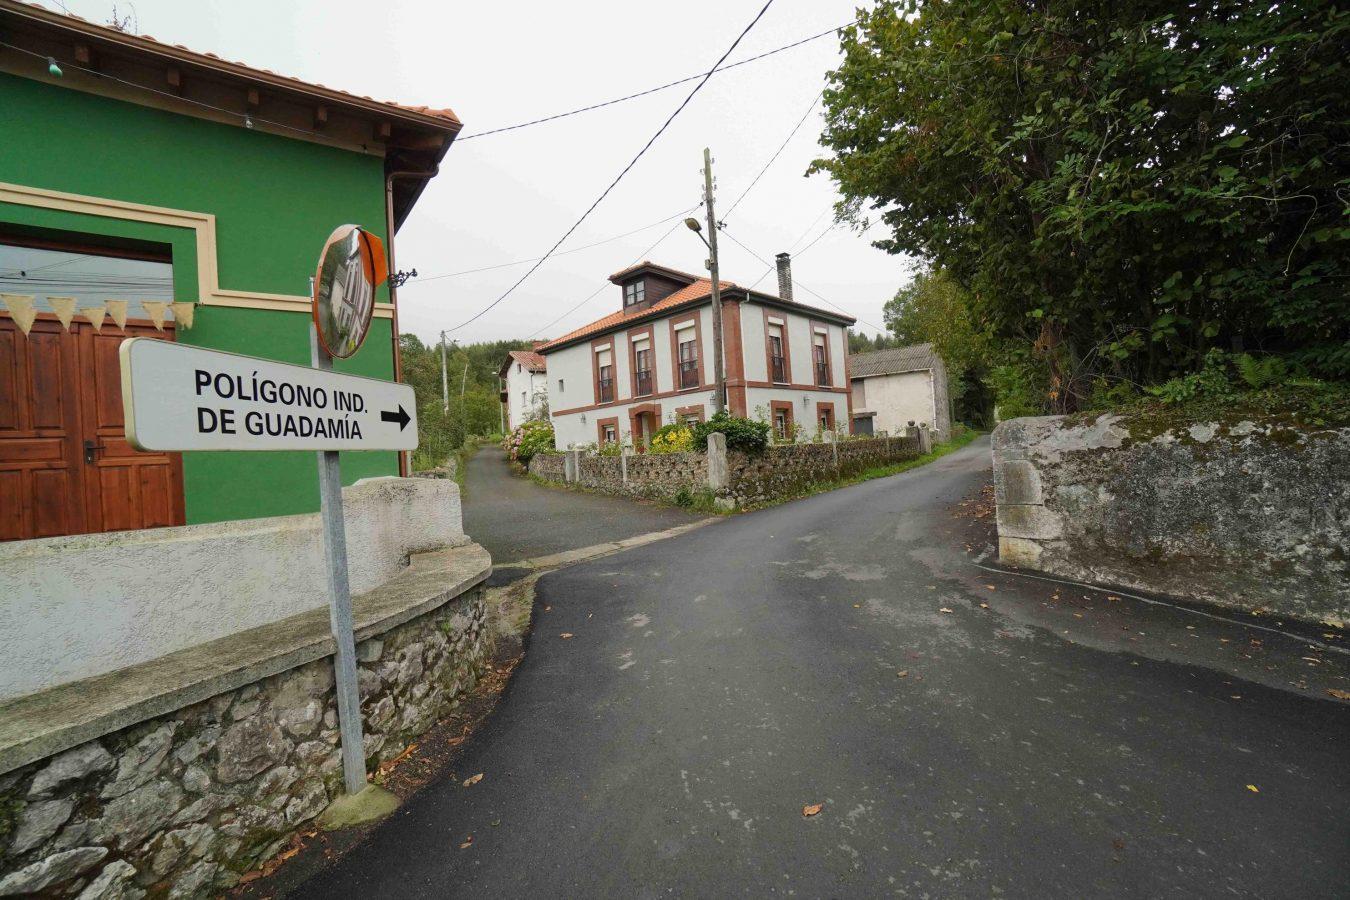 El PP urge limitar la velocidad en los pueblos de Ribadesella tras el atropello de un niño en Camangu